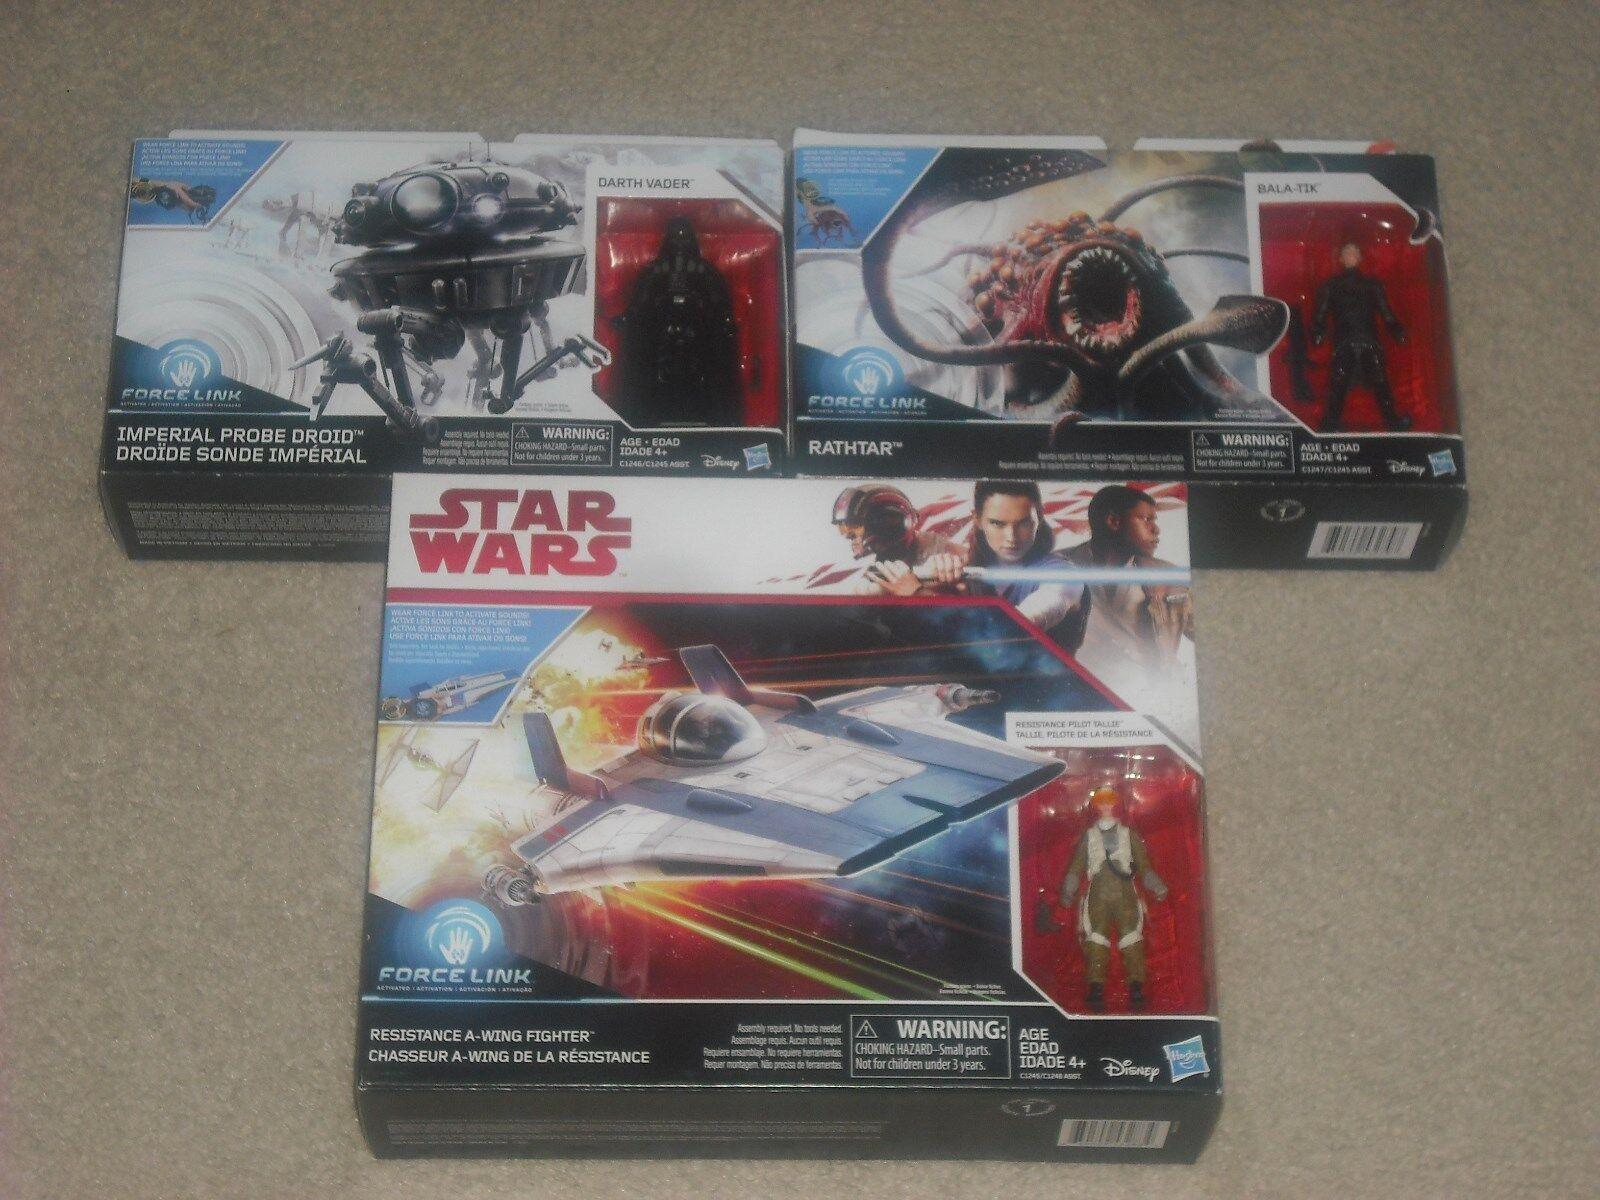 Star wars tlj rathtar + imperialer suchdroide + a - flügel kämpfer mib viel widerstand